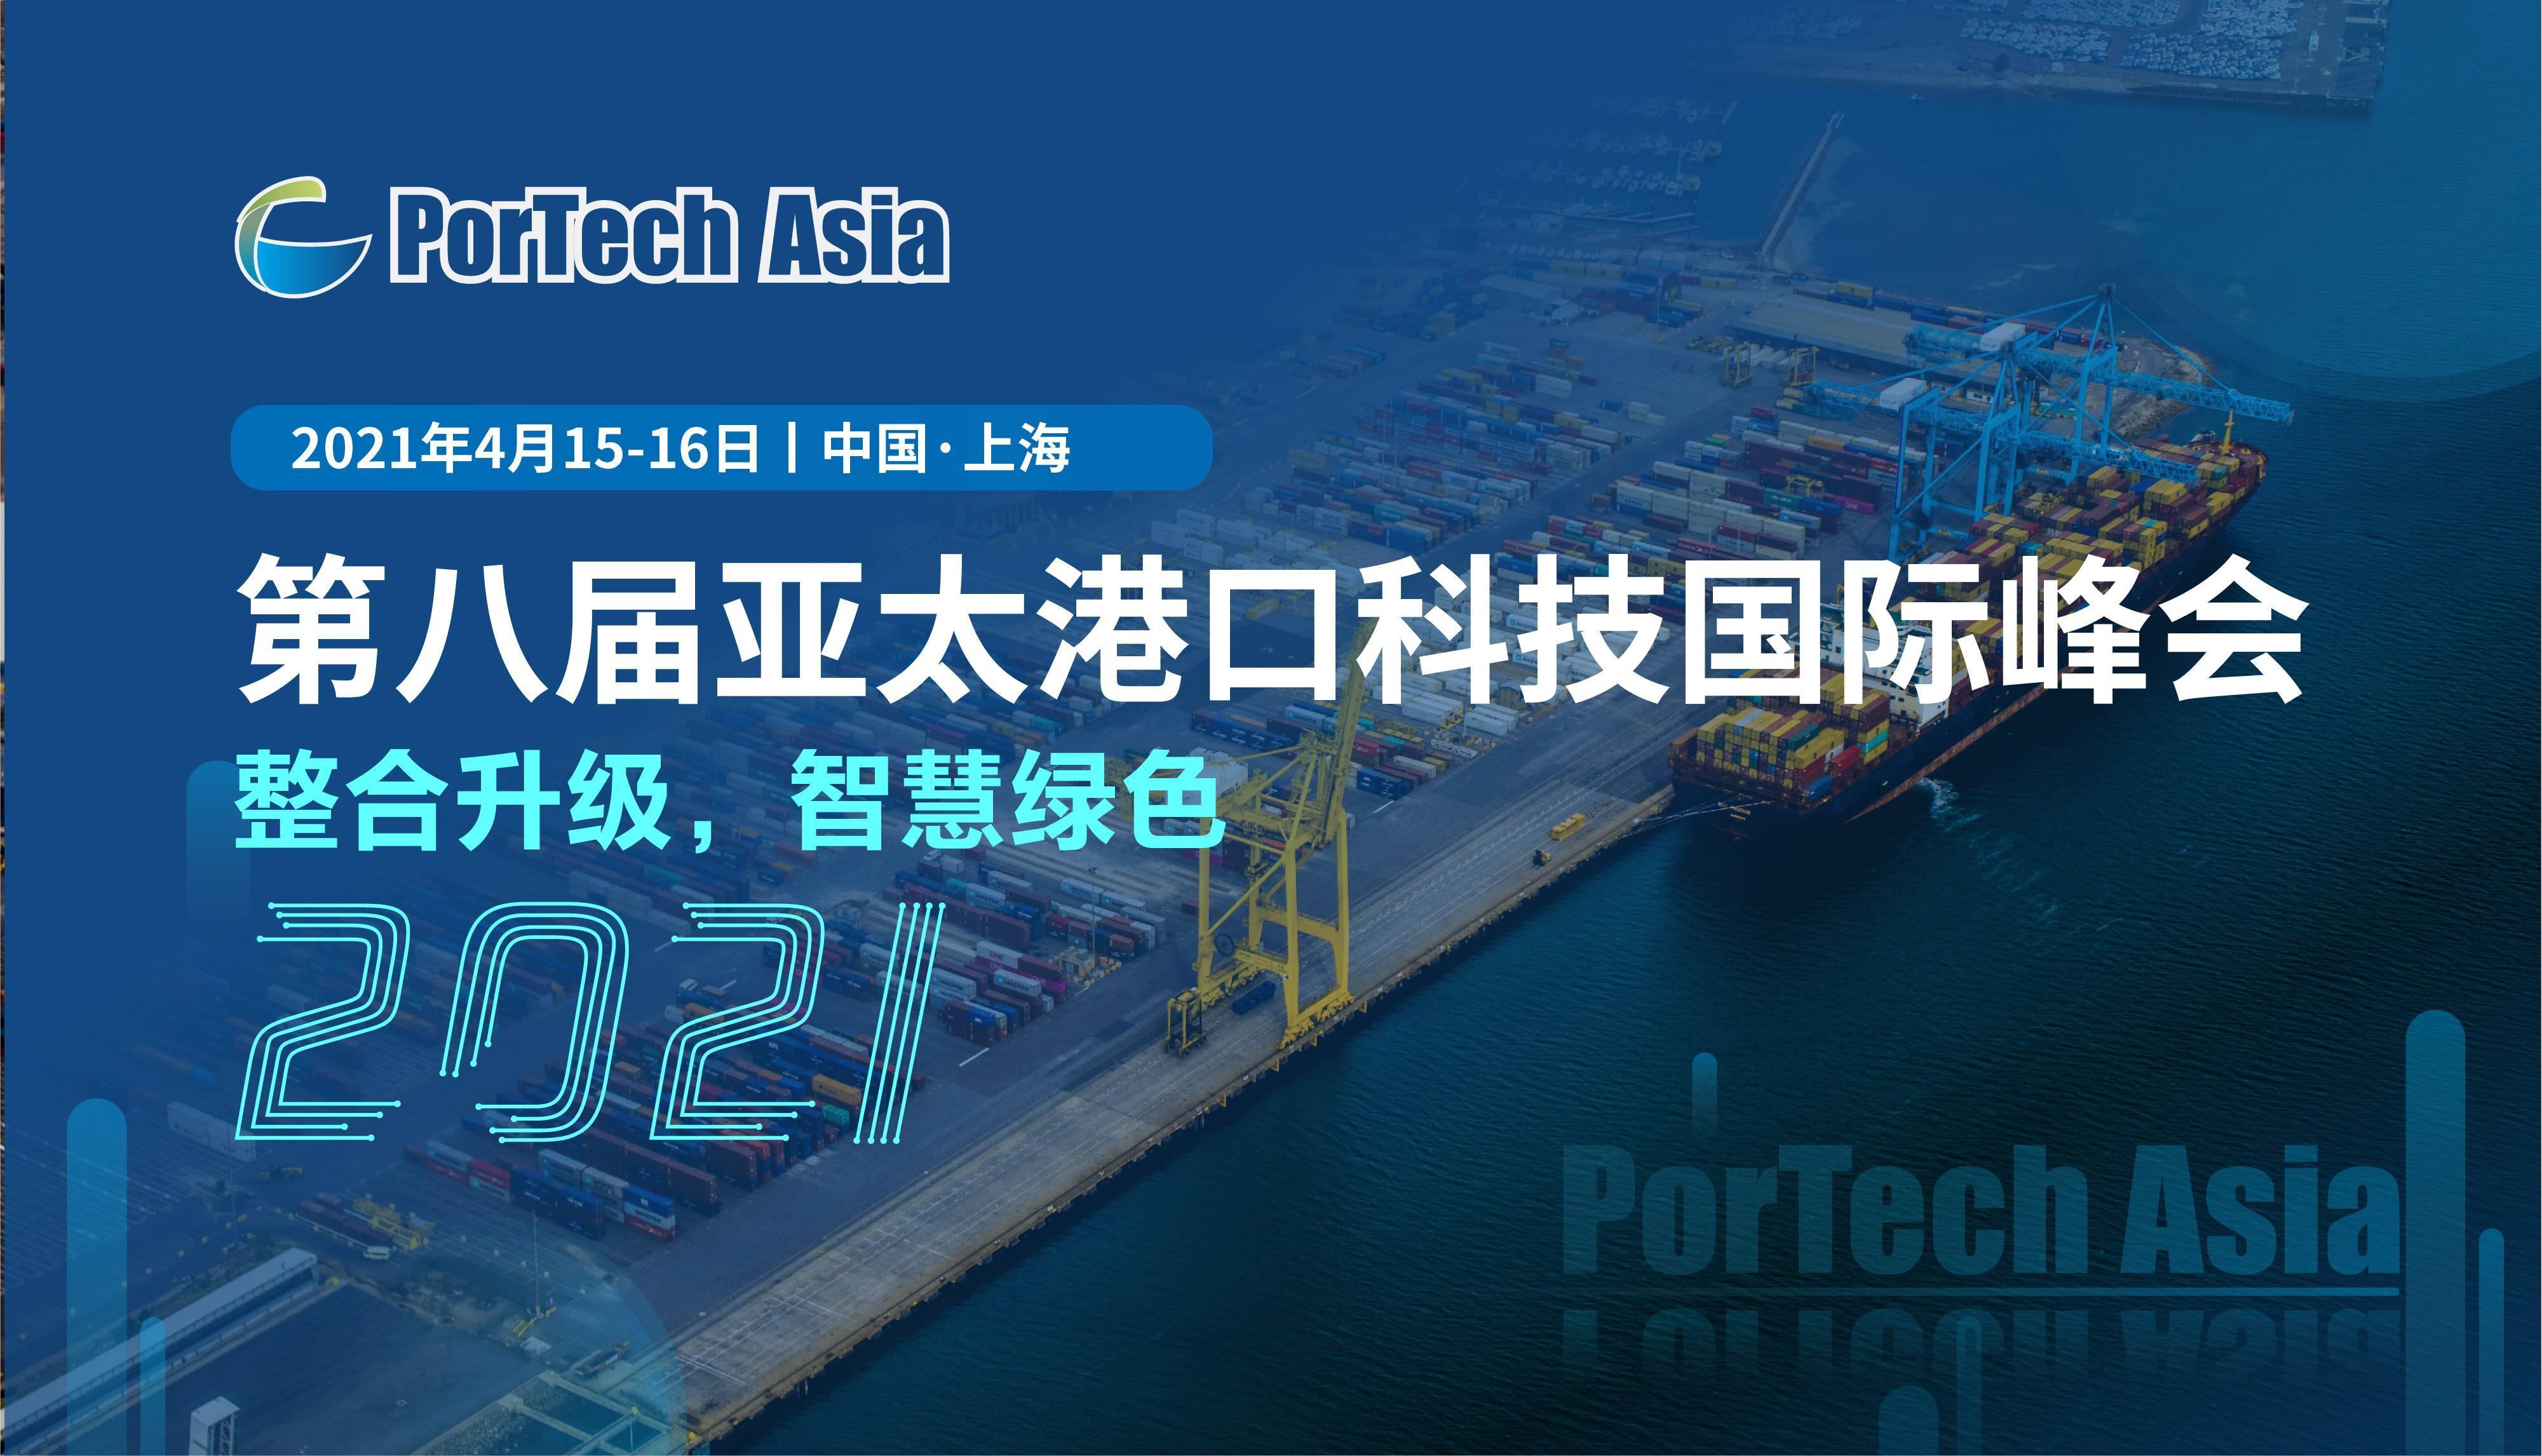 第八屆亞太港口科技國際峰會(港口/碼頭參會報名通道)